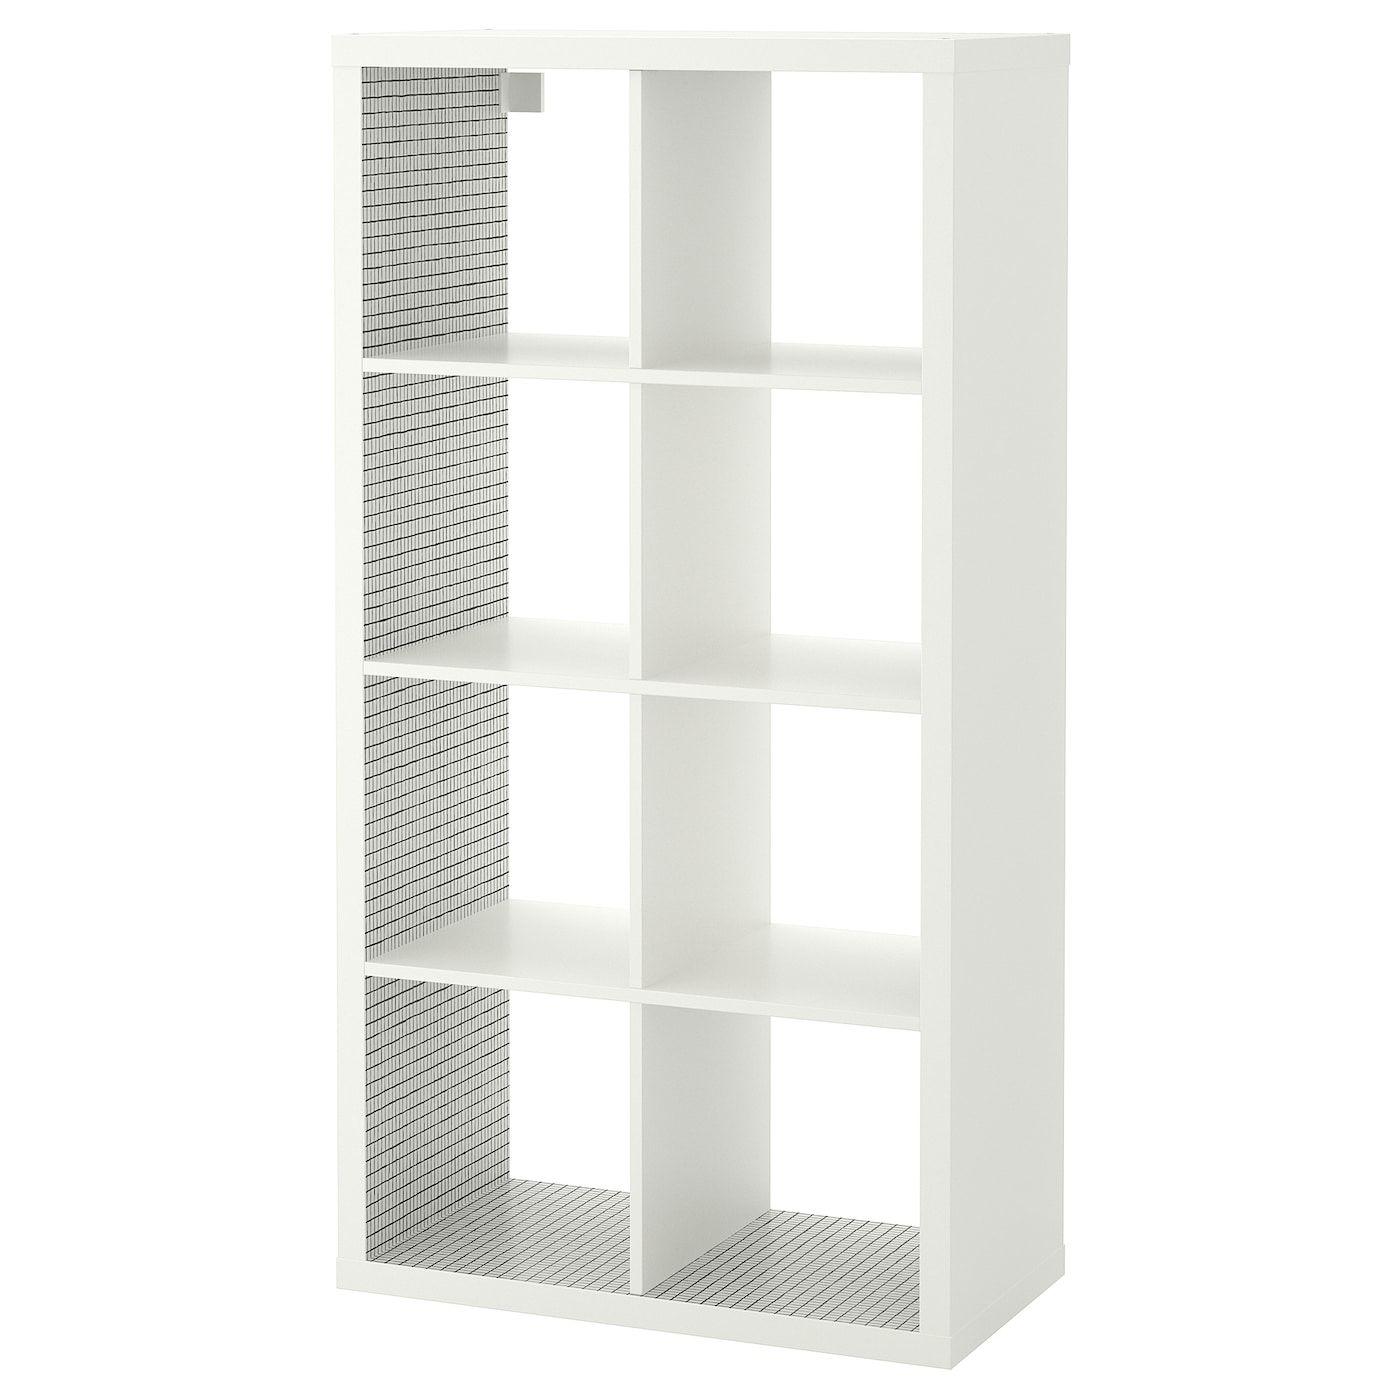 Aufbewahrung Ikea Regale Weiß